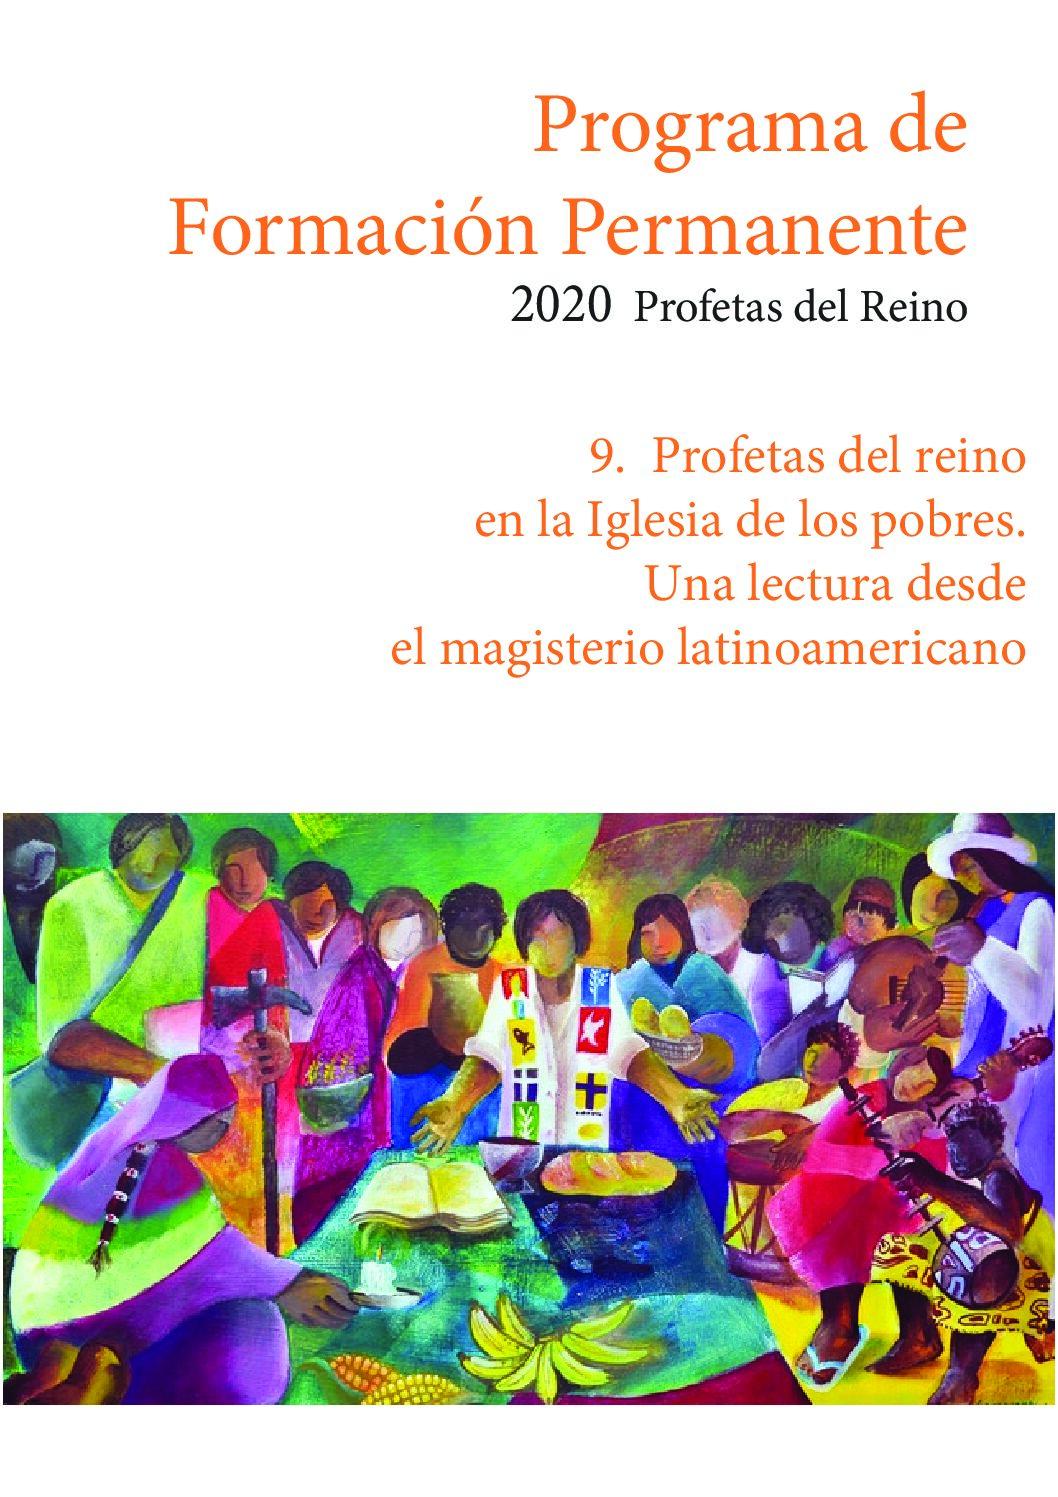 9.-Profetas-del-reino-en-la-Iglesia-de-los-pobres-pdf[1]